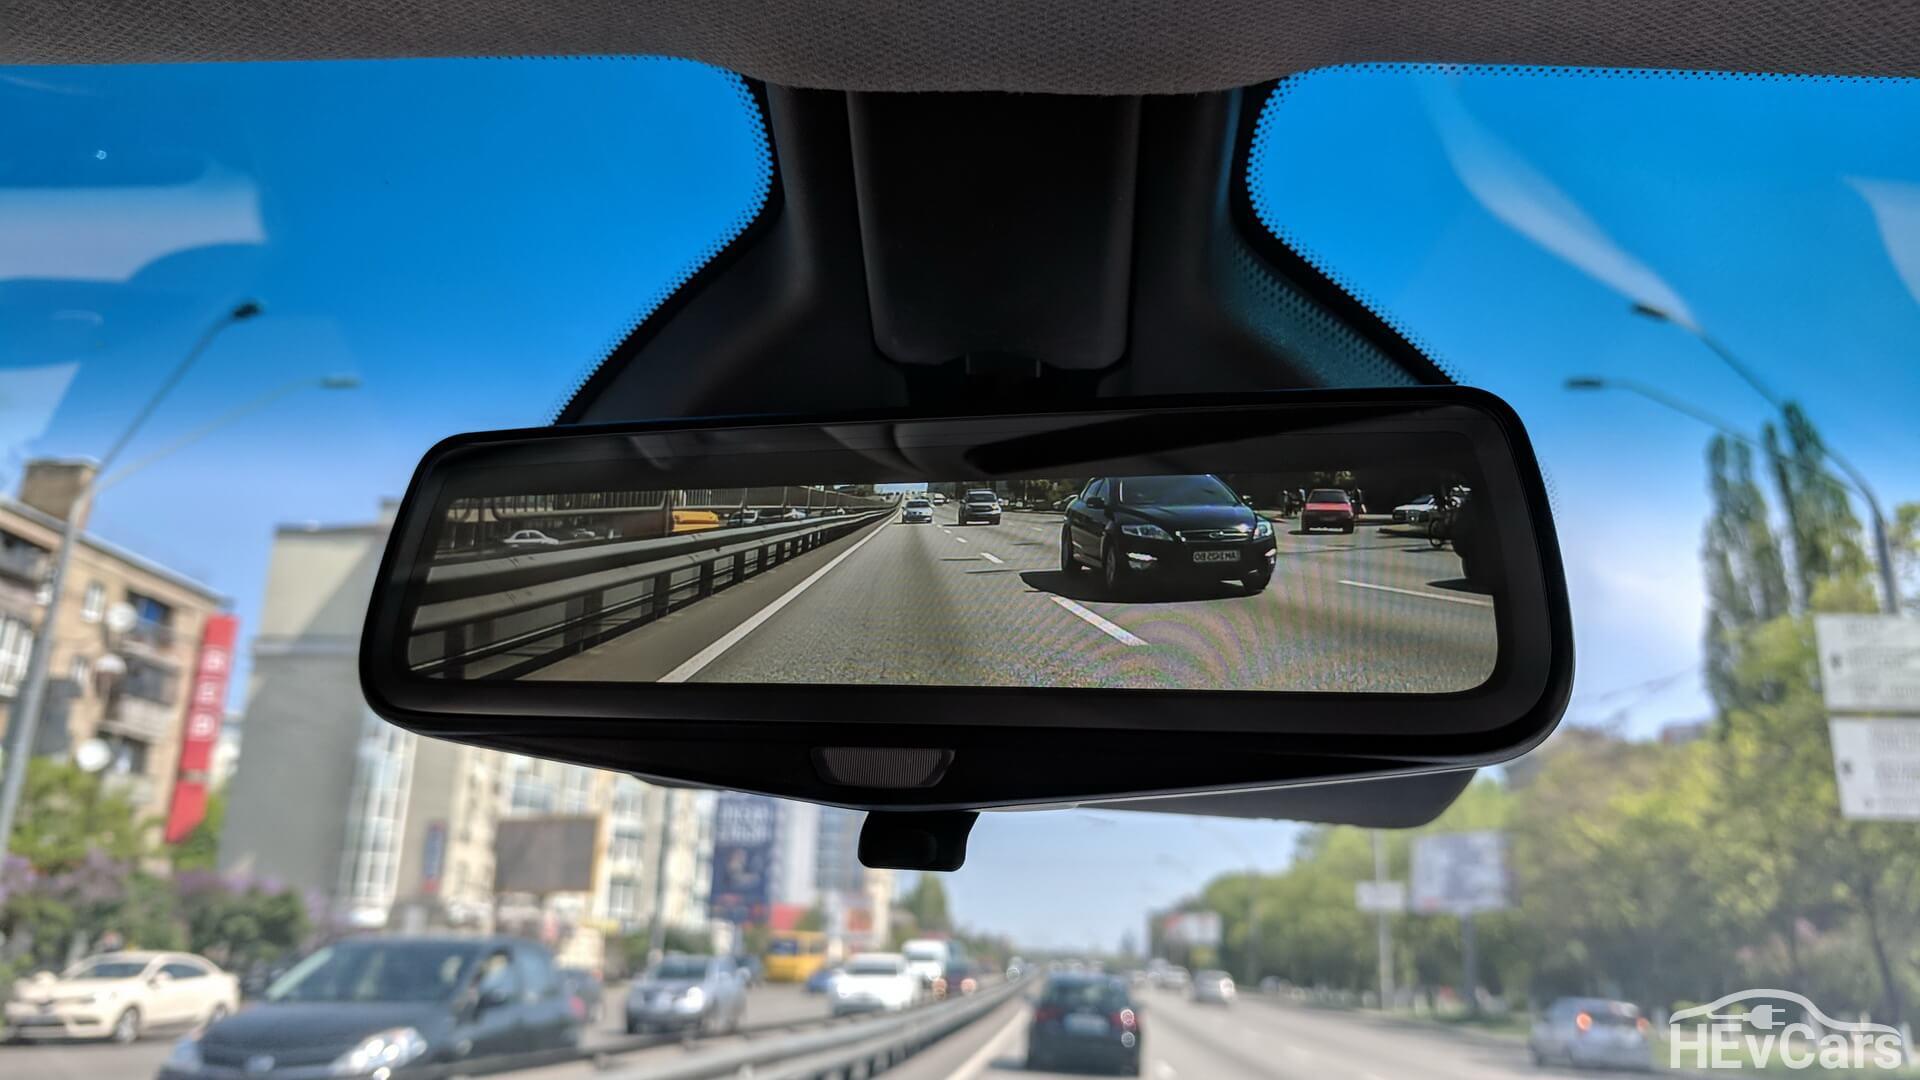 Камера заднего вида встроена в обычное зеркало заднего обзора